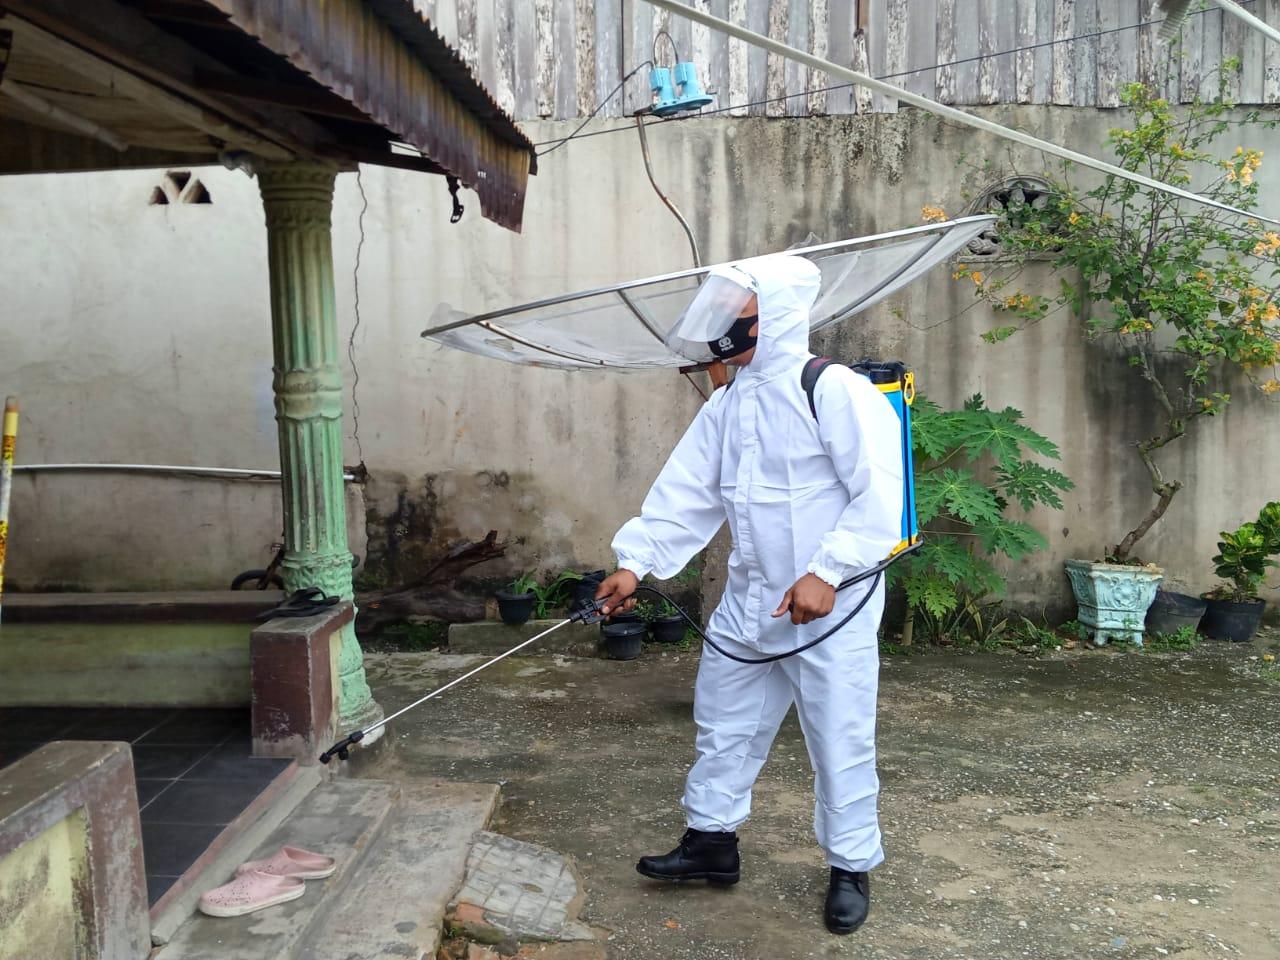 Lagi Polsek Tualang Semprot Disinfektan Di Rumah Warga, Ini Kata Masyarakat